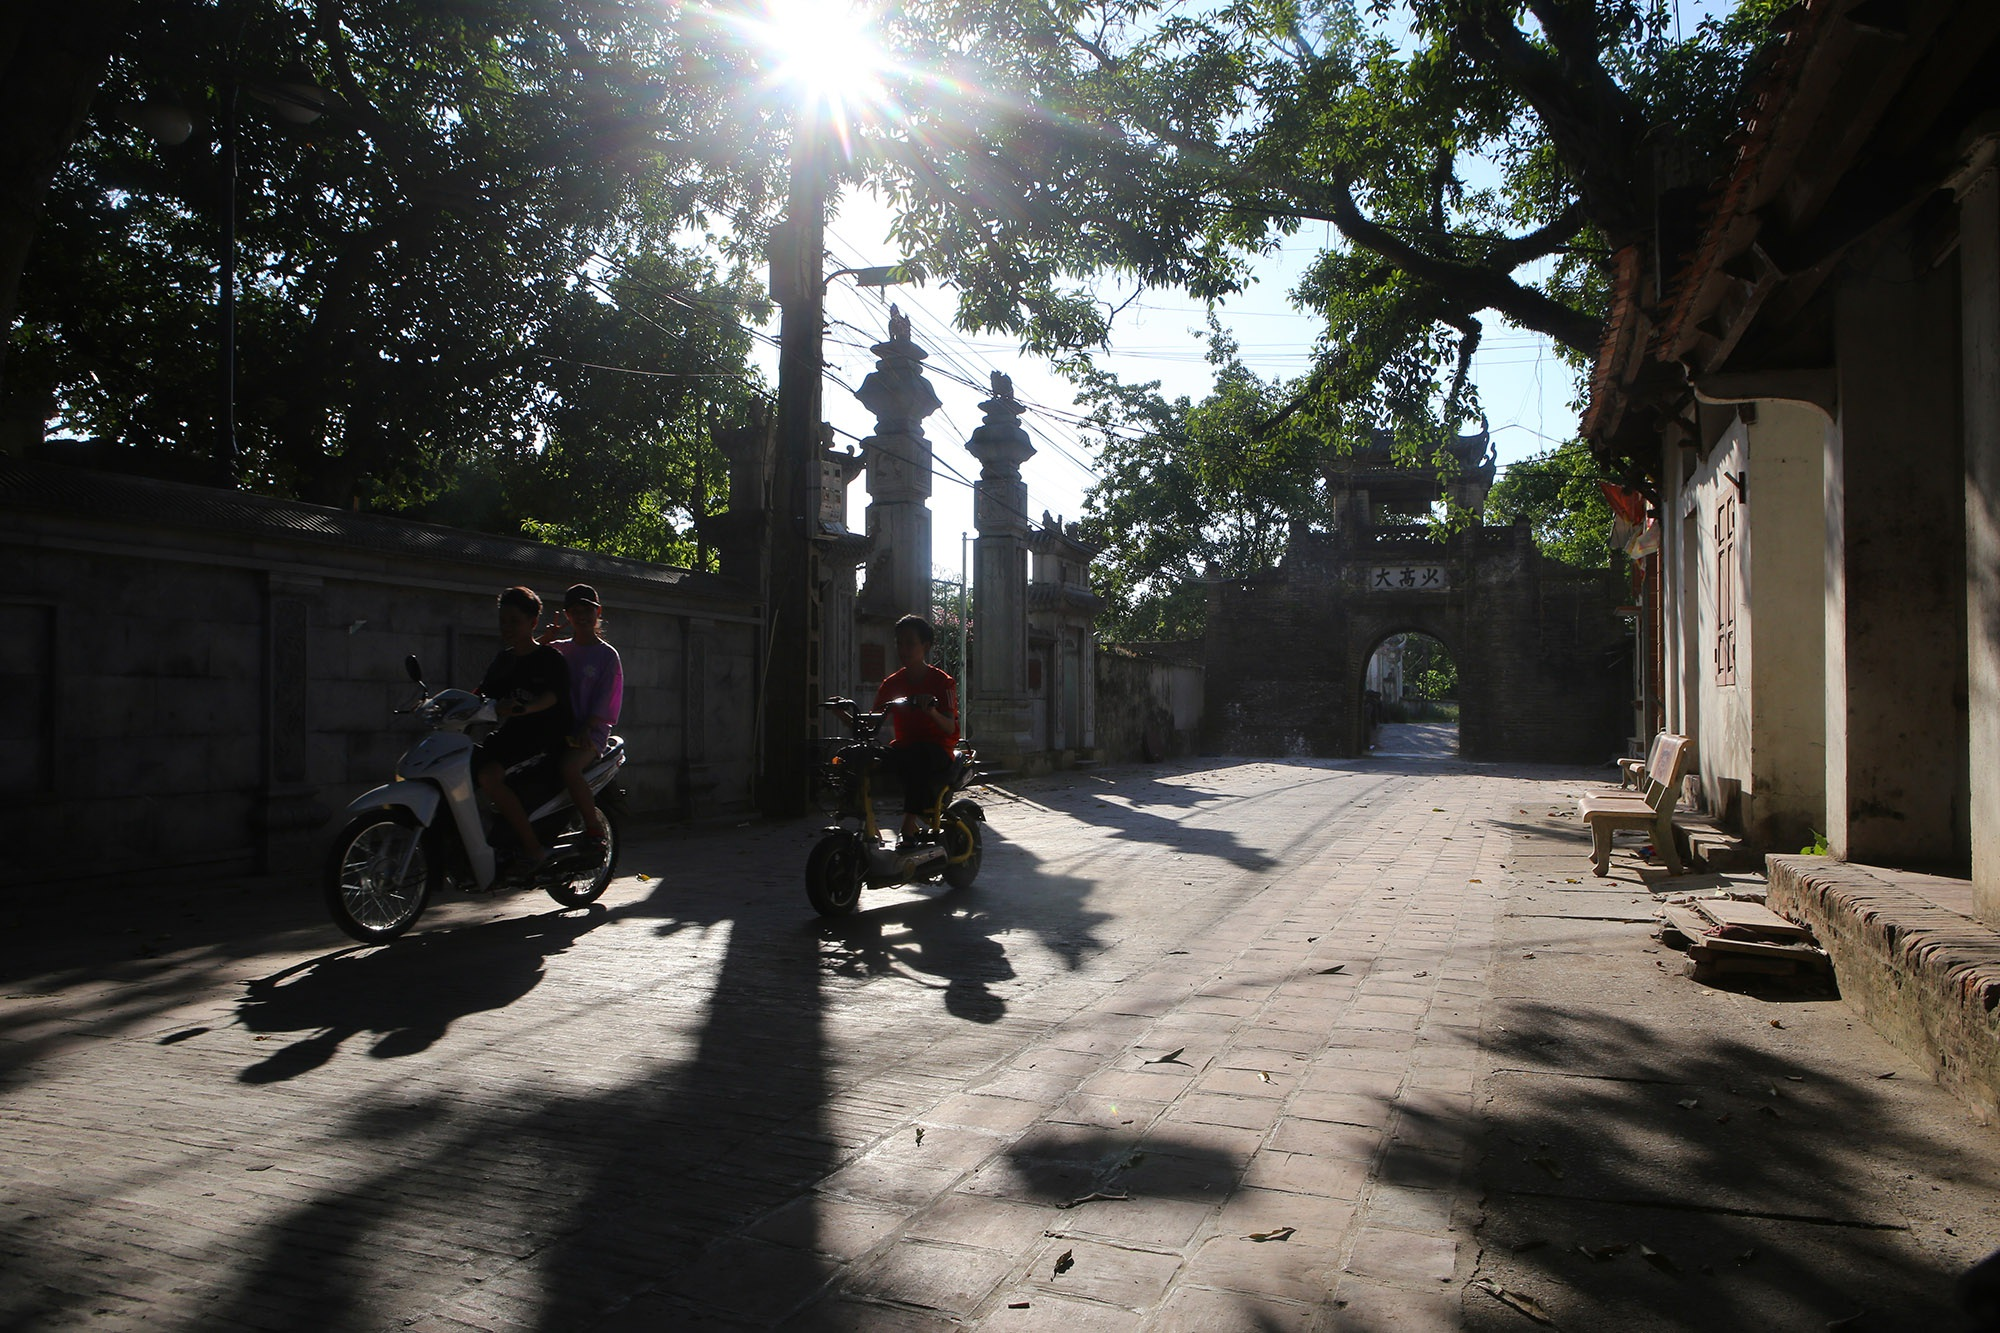 Khám phá vẻ đẹp của cổng làng đồ sộ trải qua 5 thế kỷ tại ngoại ô Hà Nội - 1